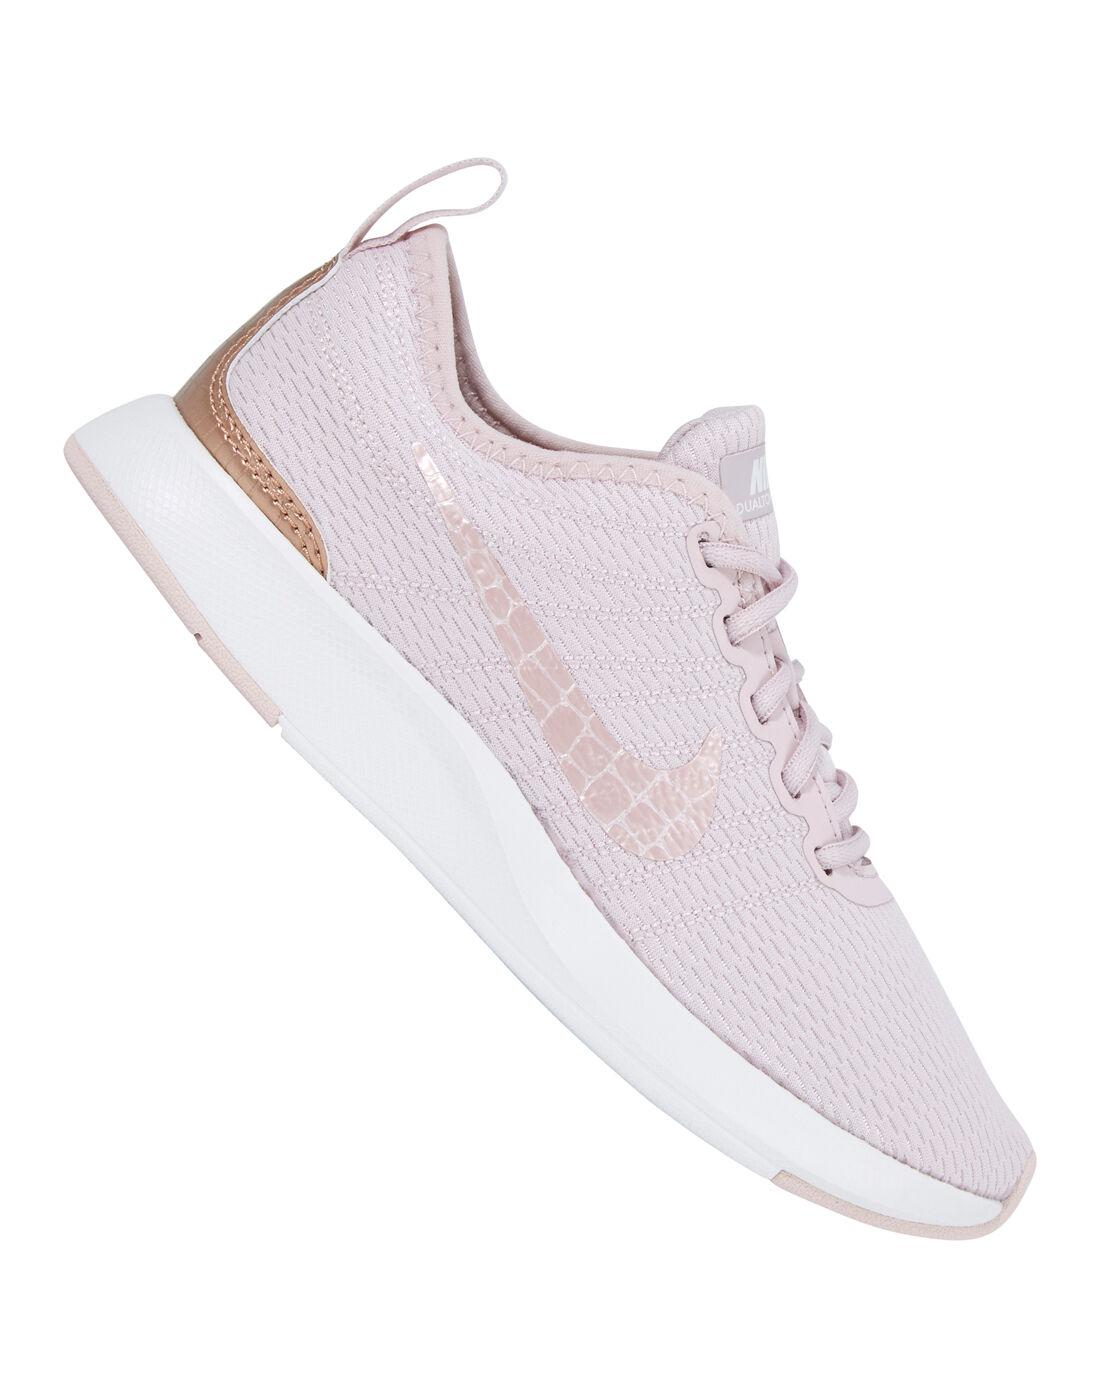 Young Girls Nike Dualtone Racer | Pink